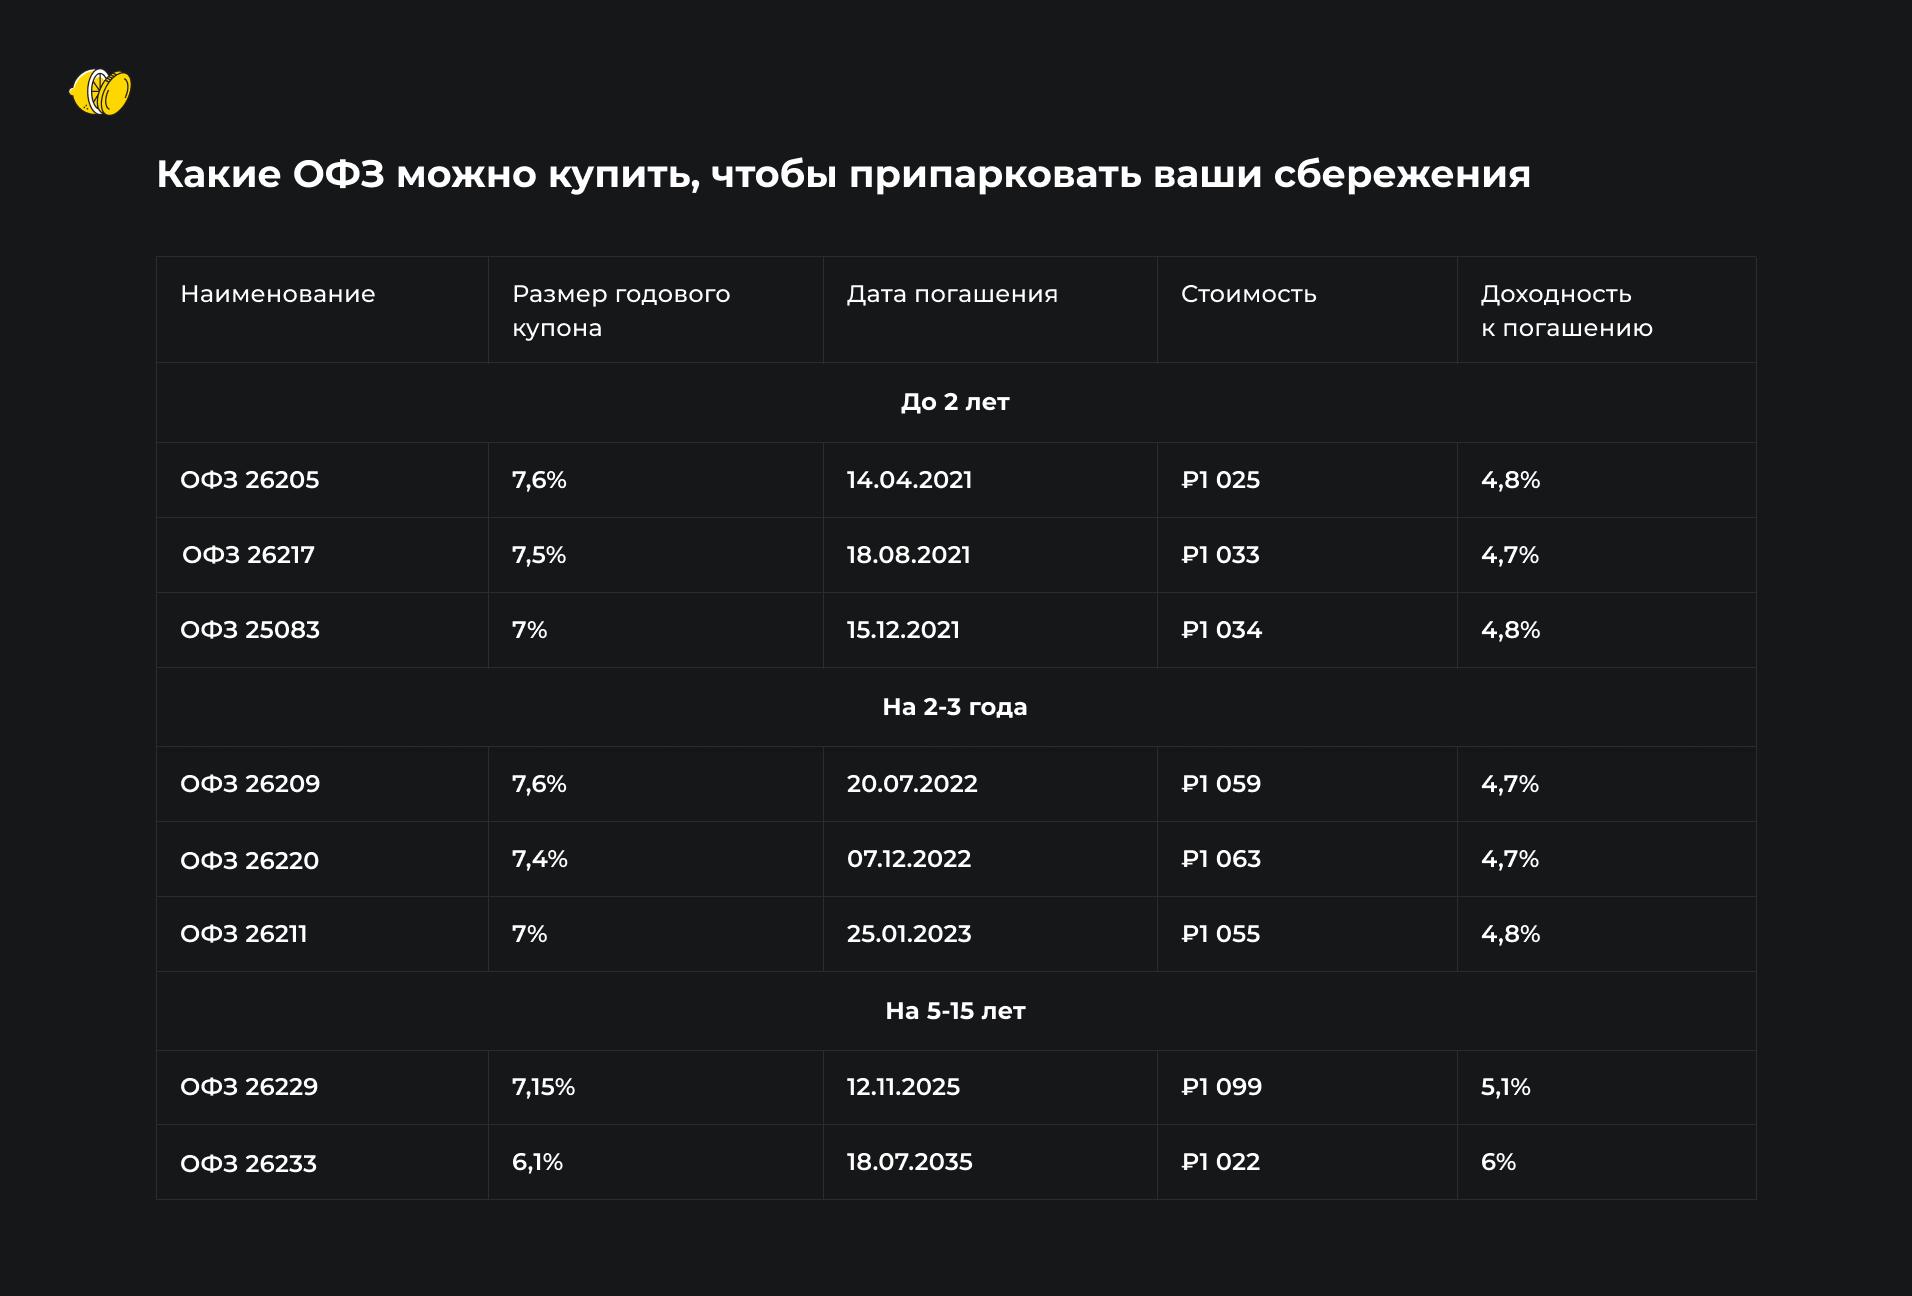 Ключевая ставка в РФ падает. Что будет с доходностью облигаций федерального займа?